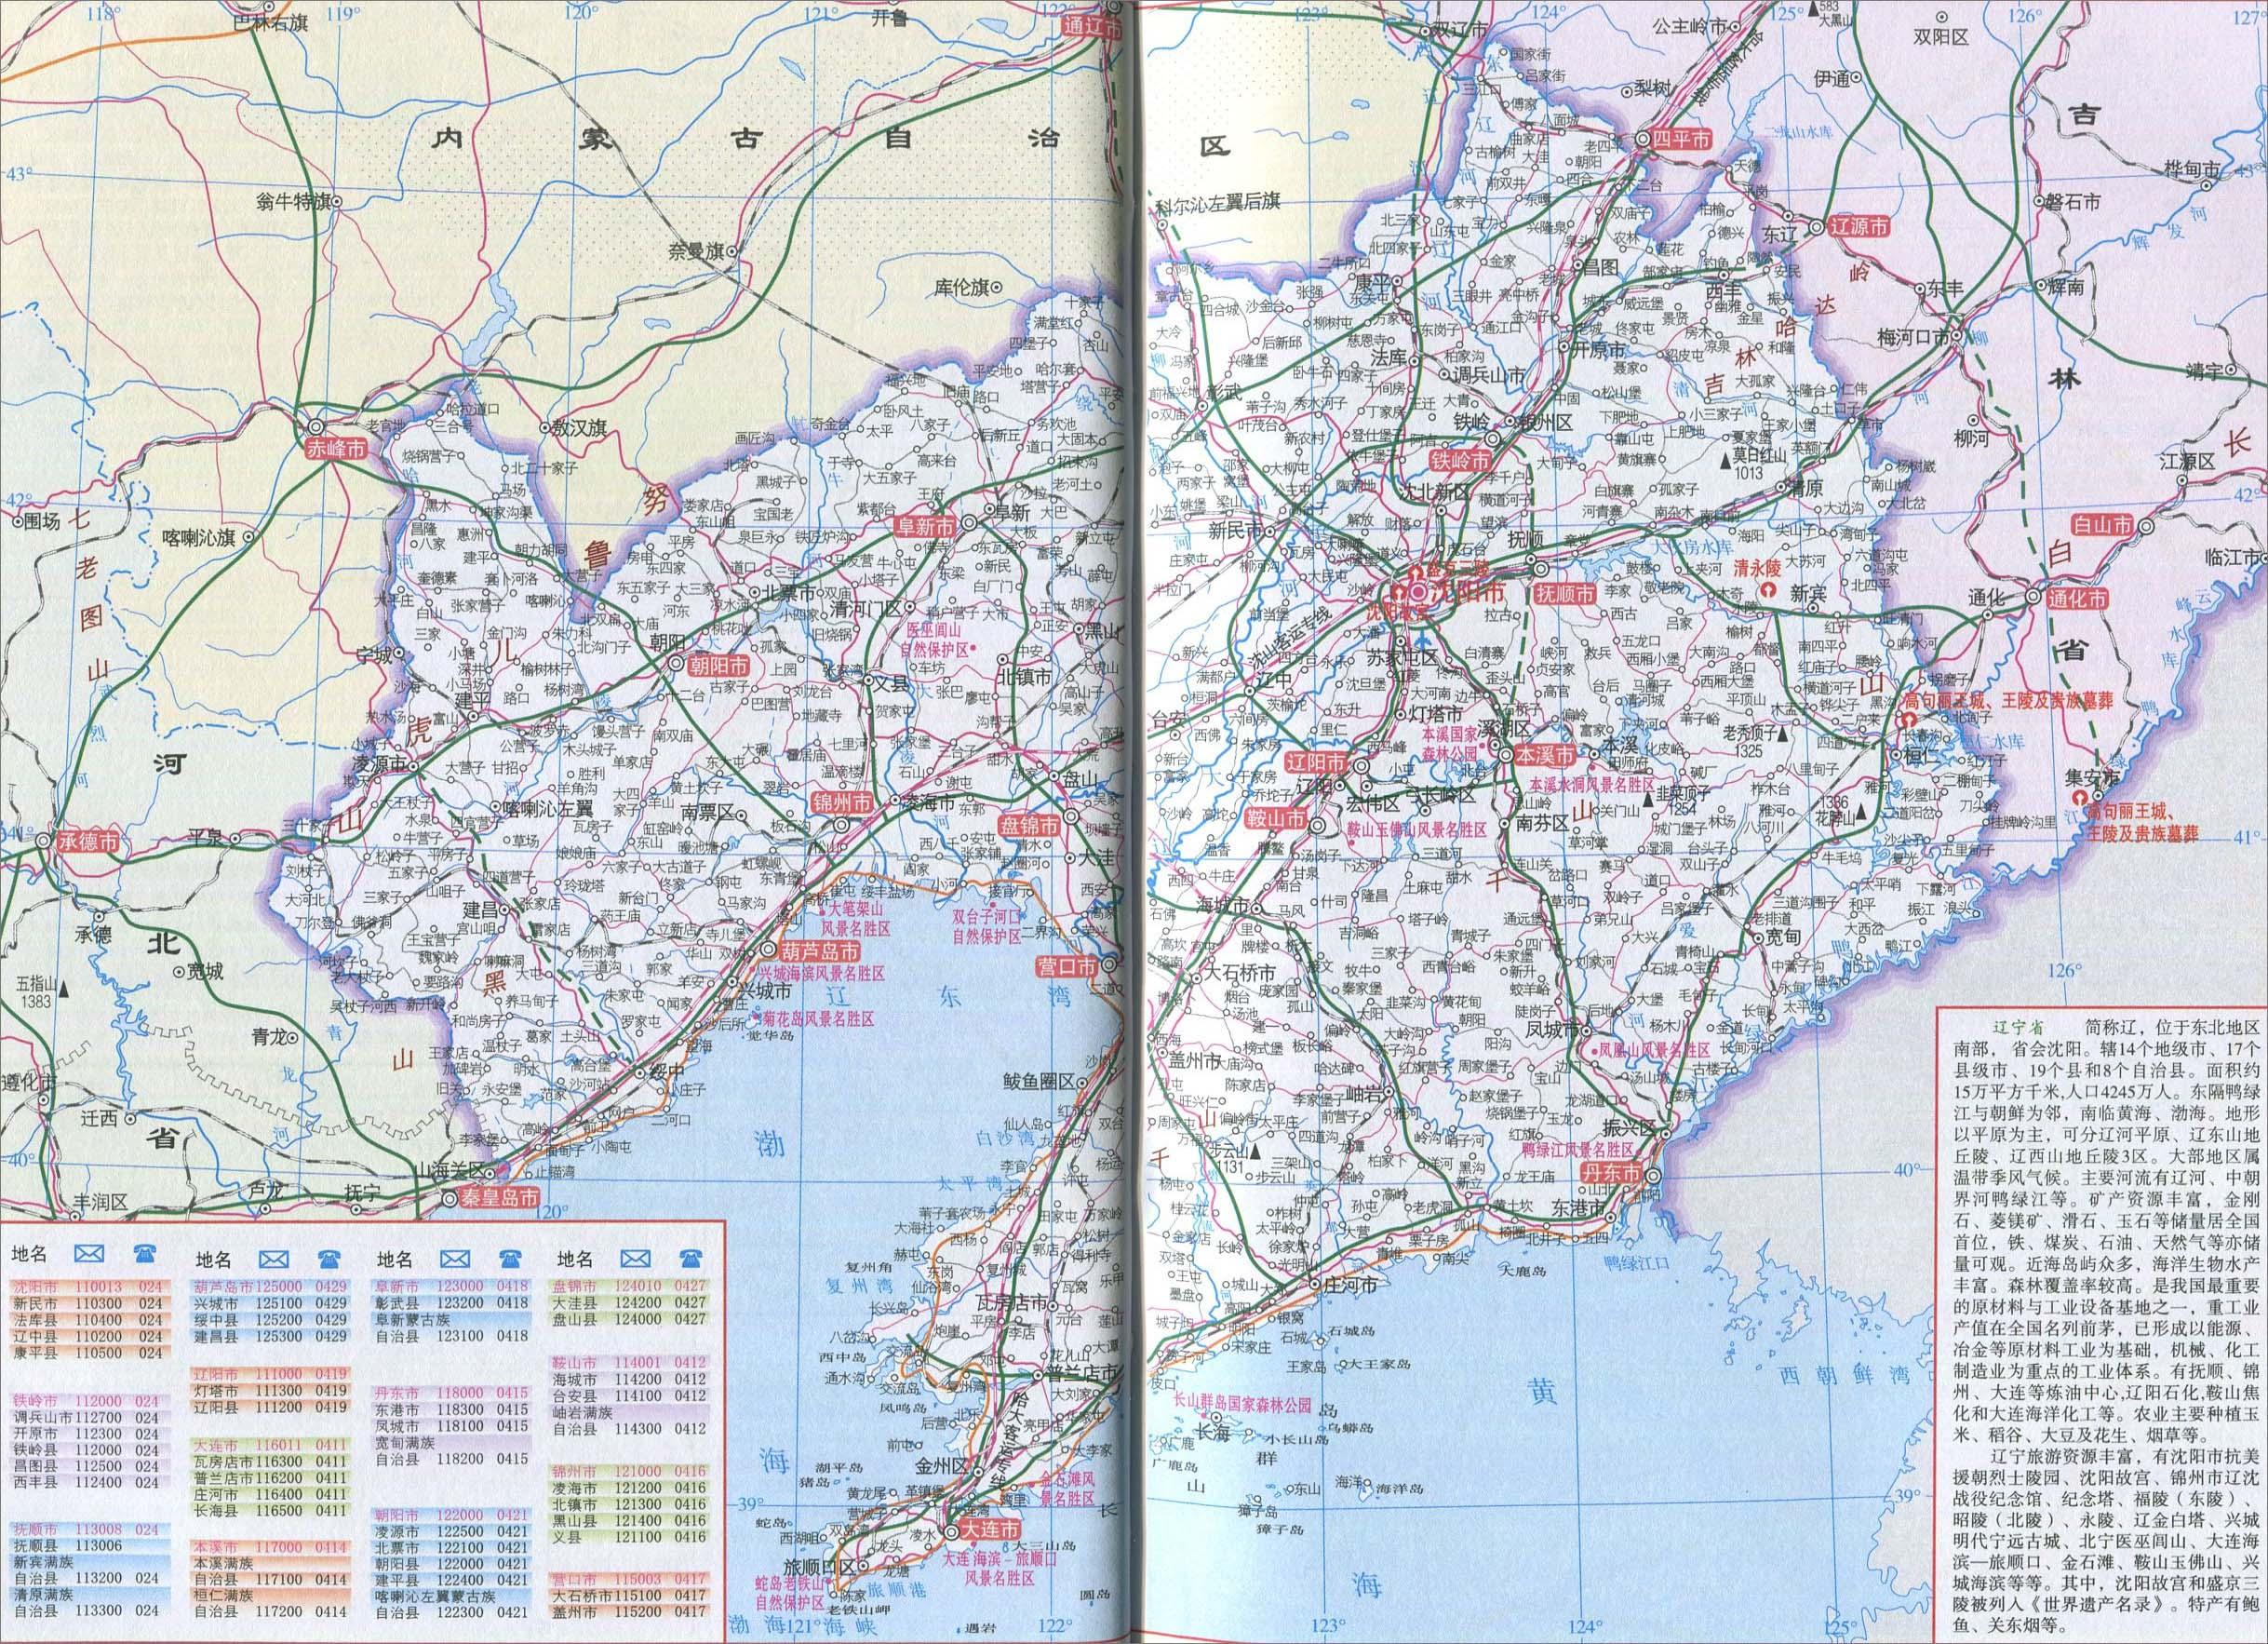 辽宁省高速公路地图